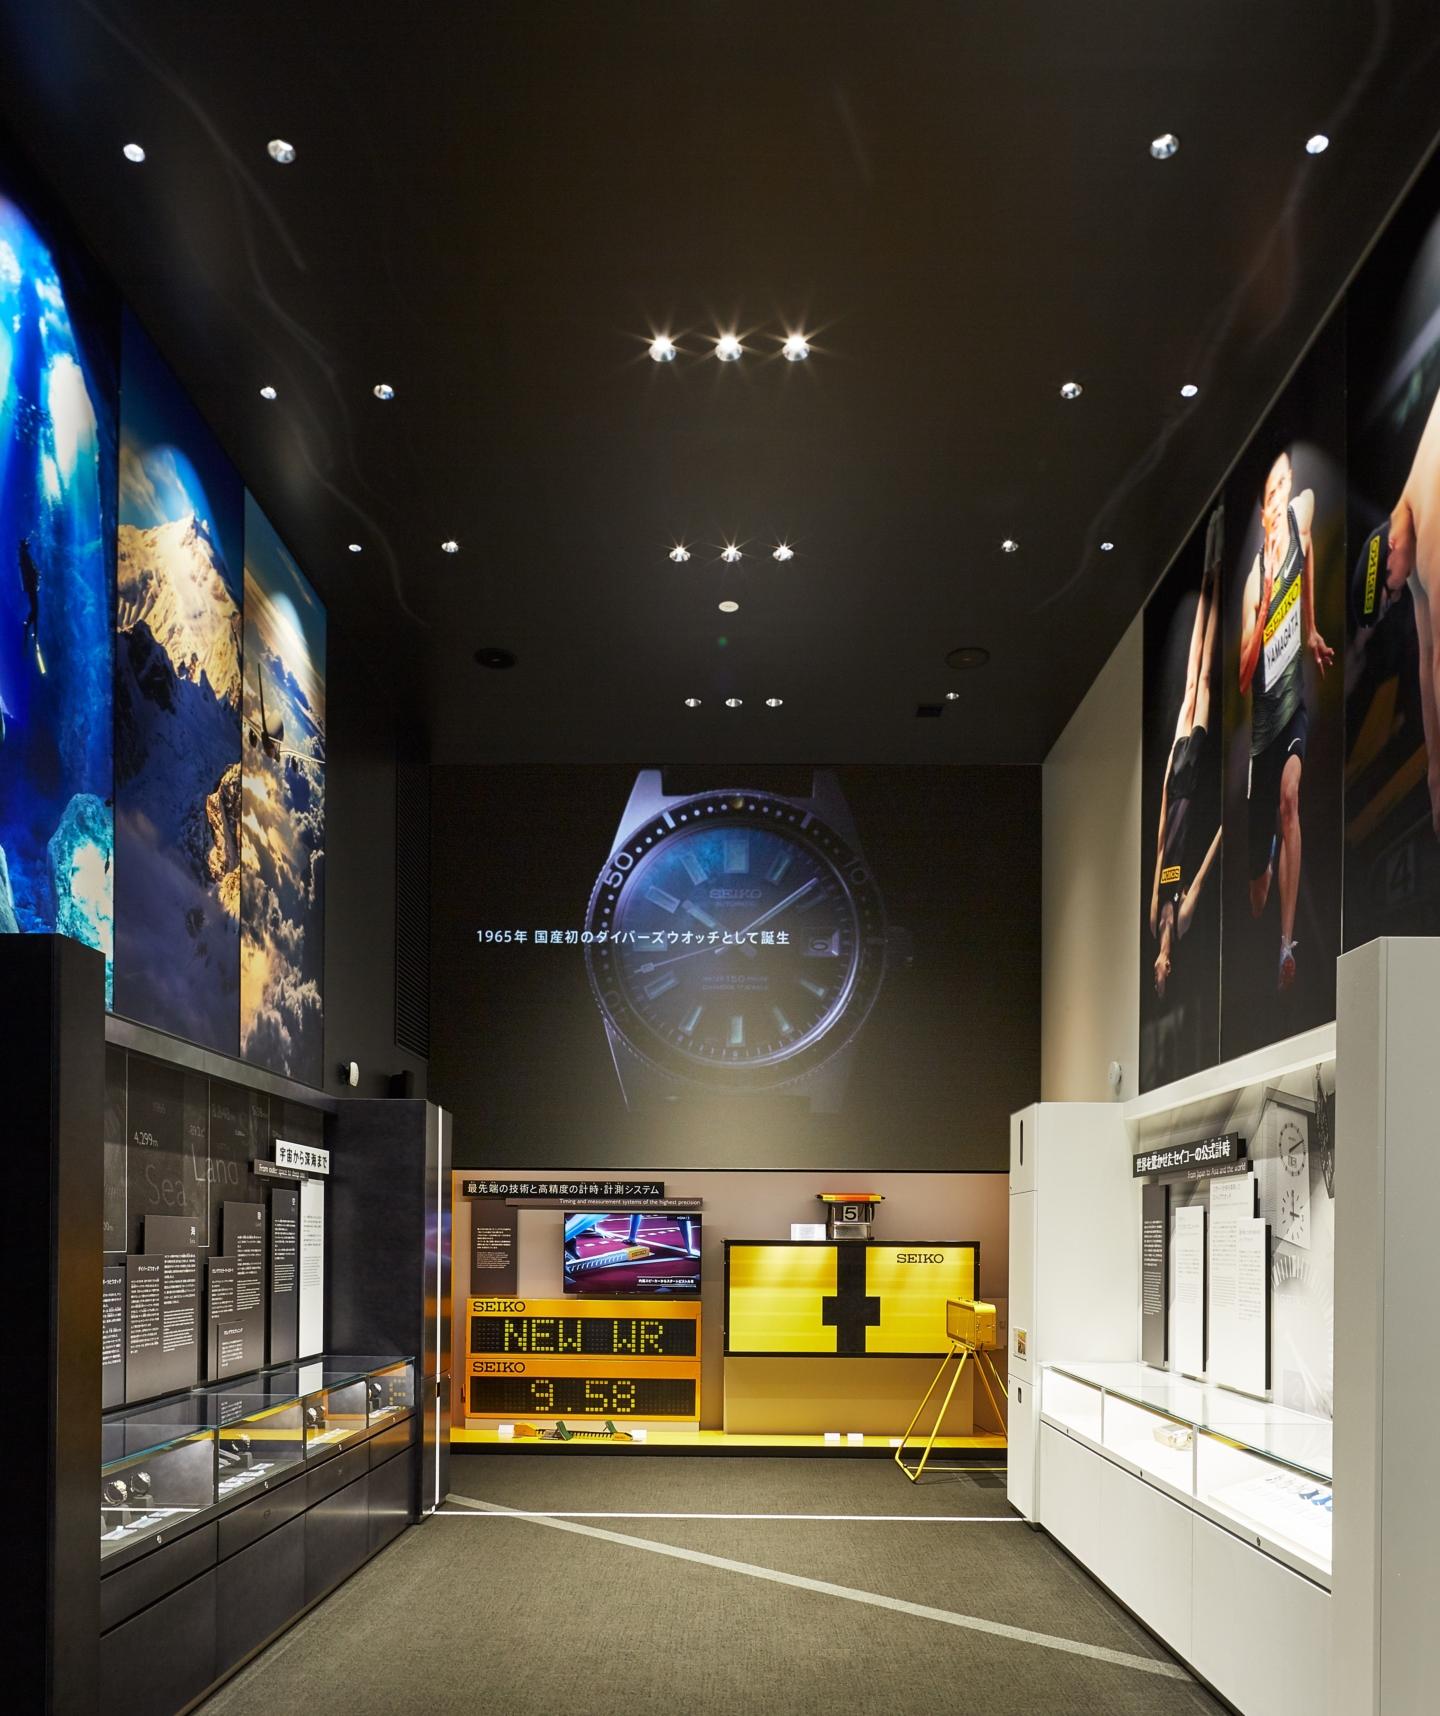 【Seiko】Le Musée Seiko déménage et rouvre dans son berceau de Ginza